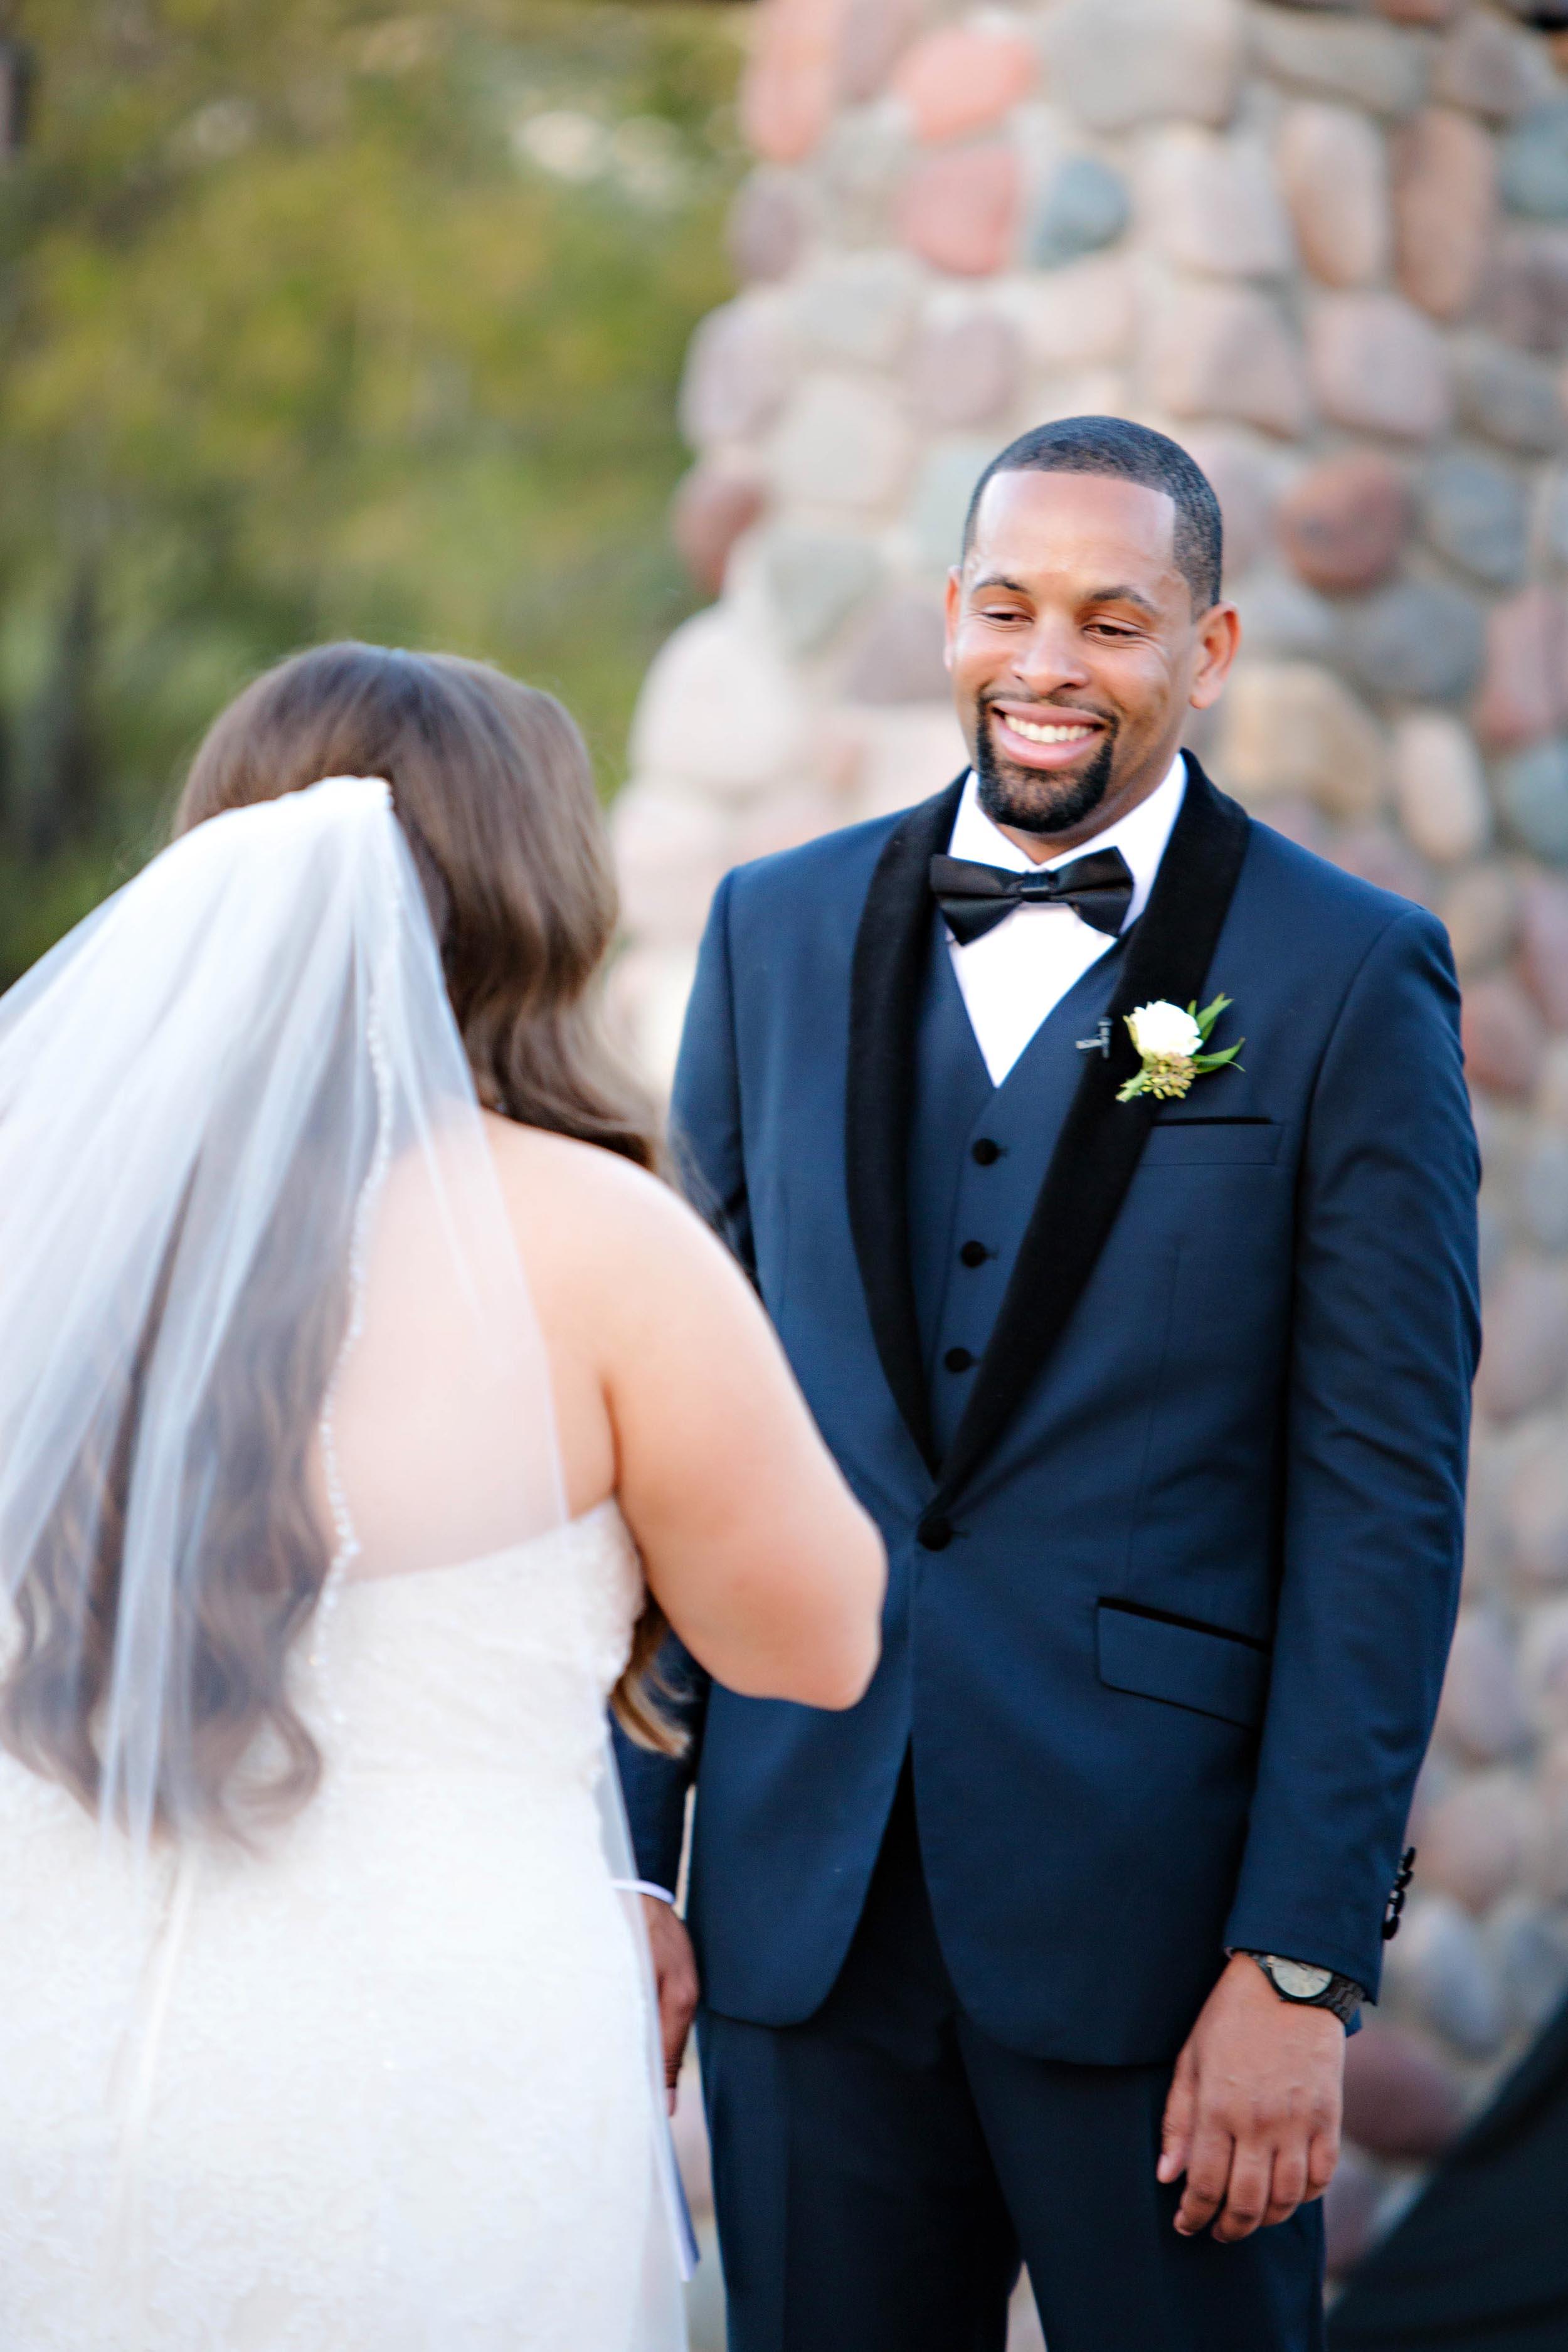 weddings-wildhorse-22.jpg